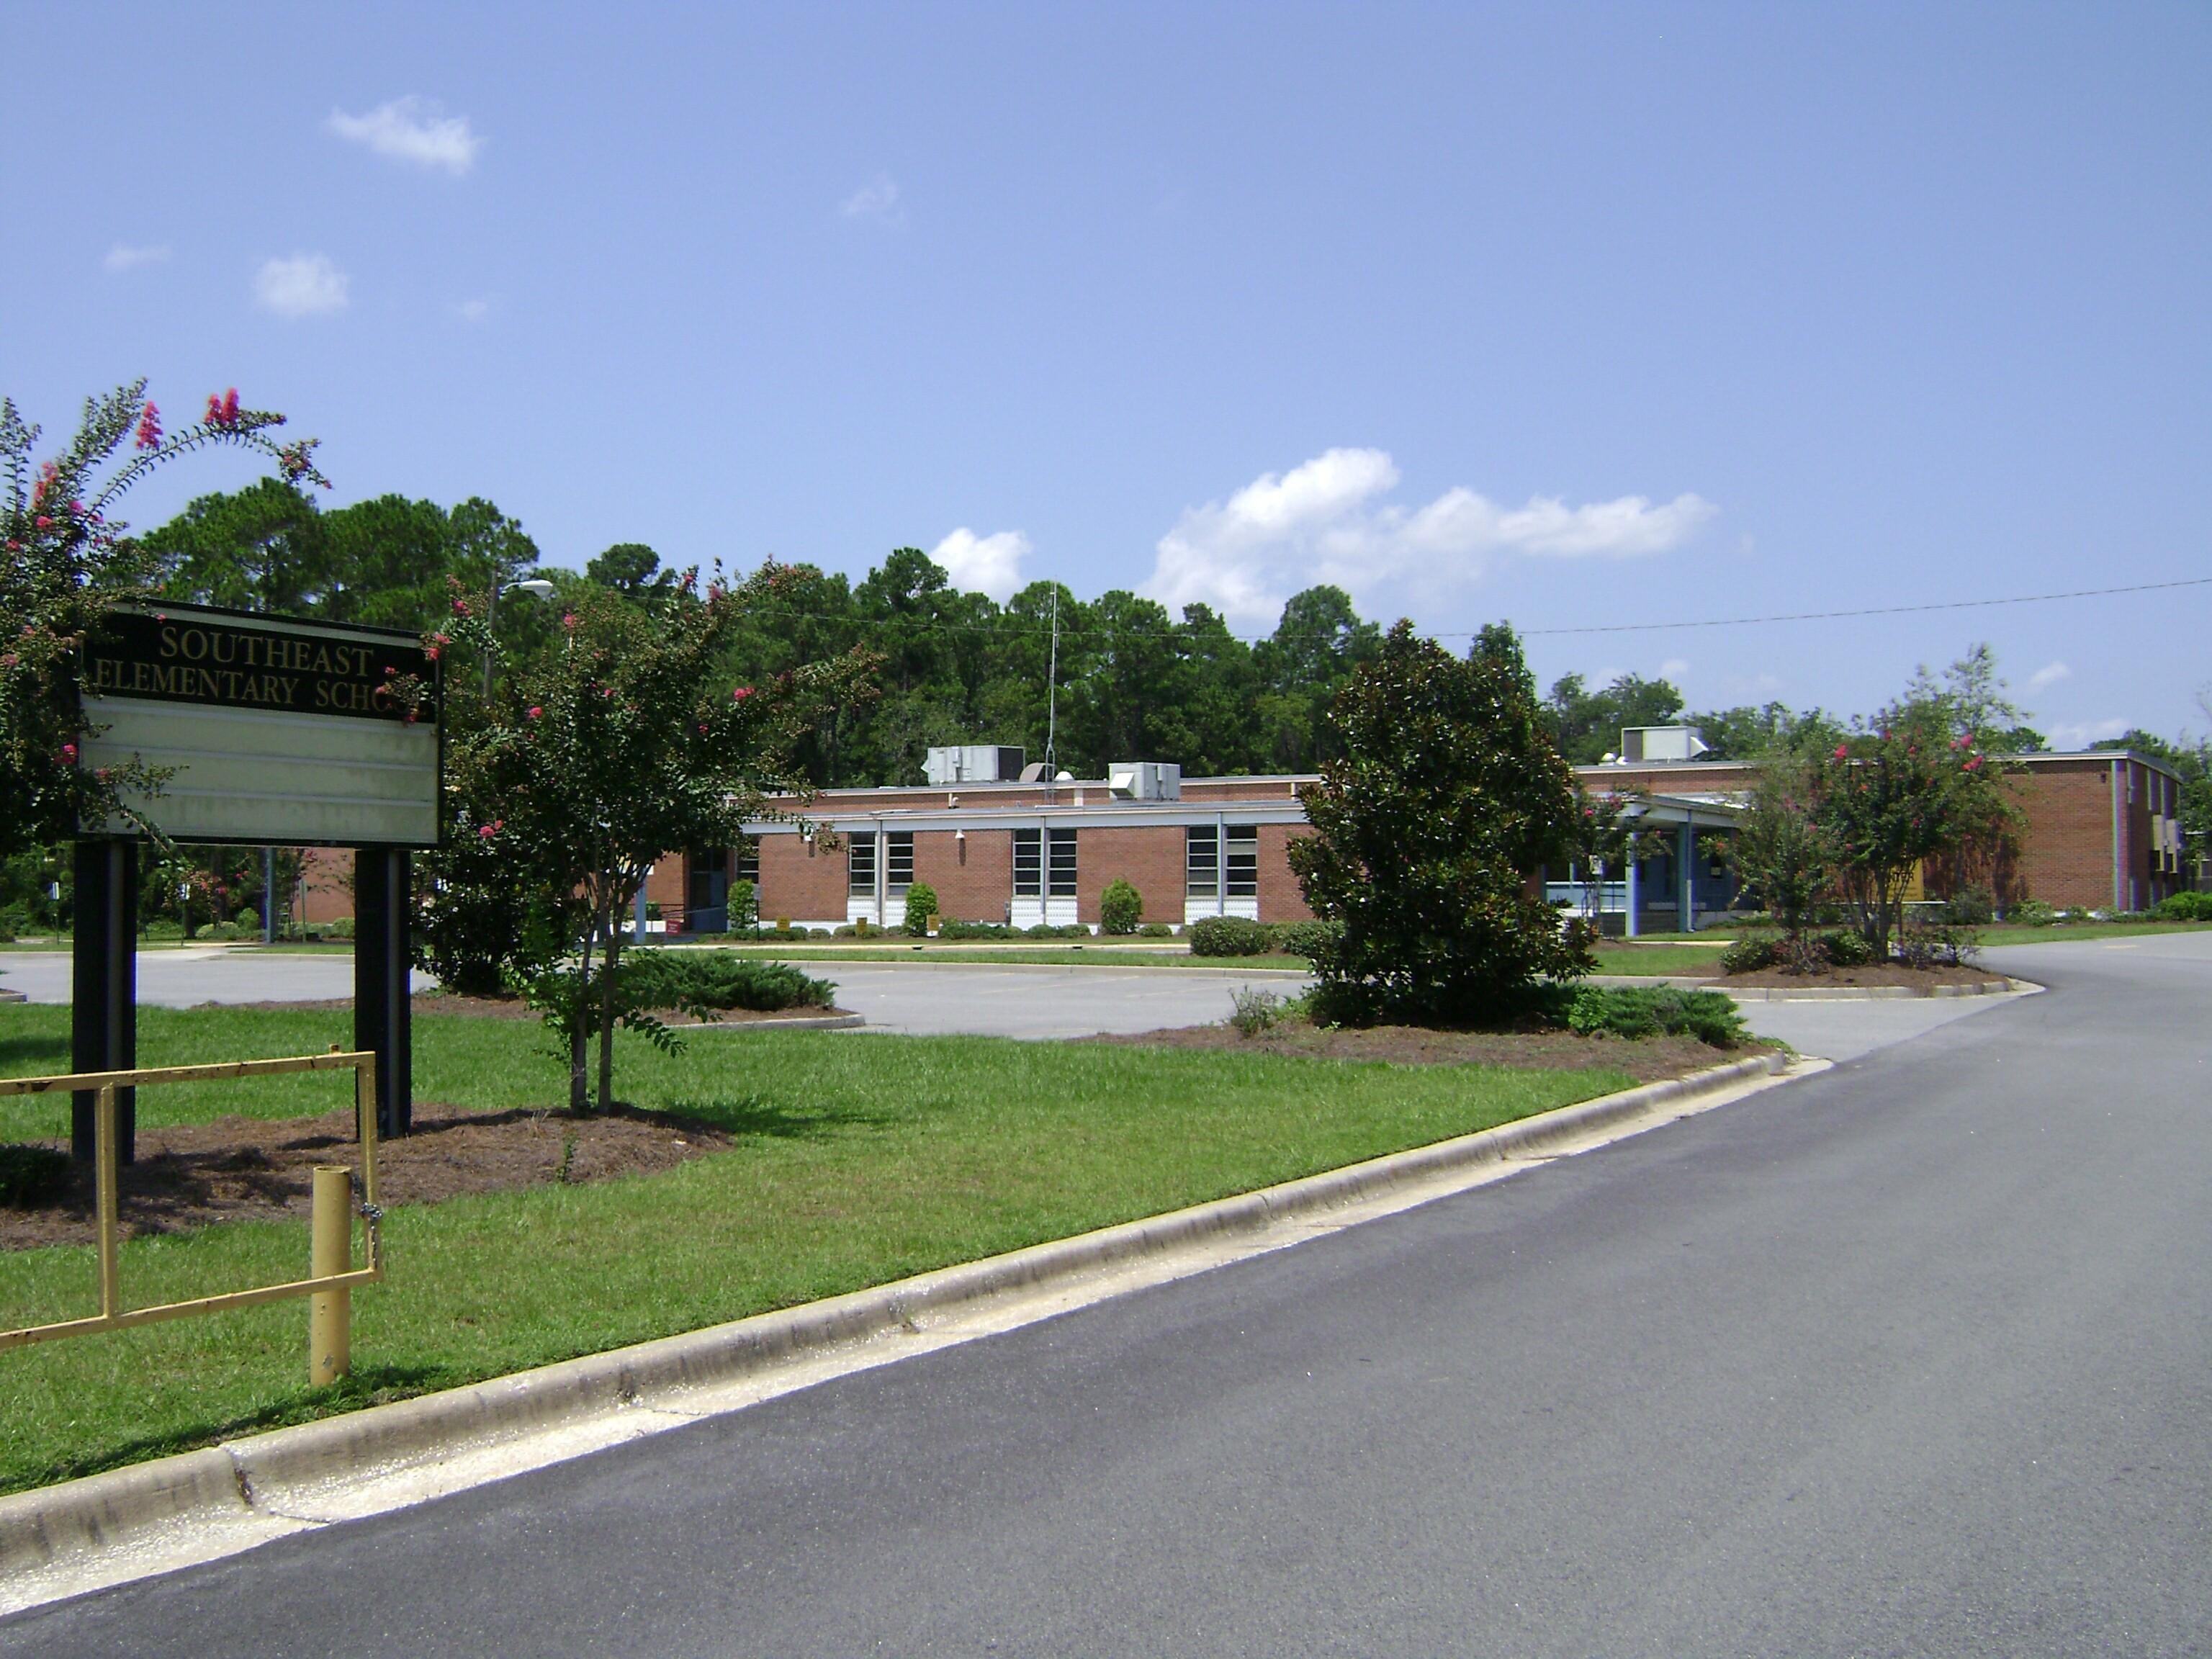 File:Southeast Elementary School.jpg